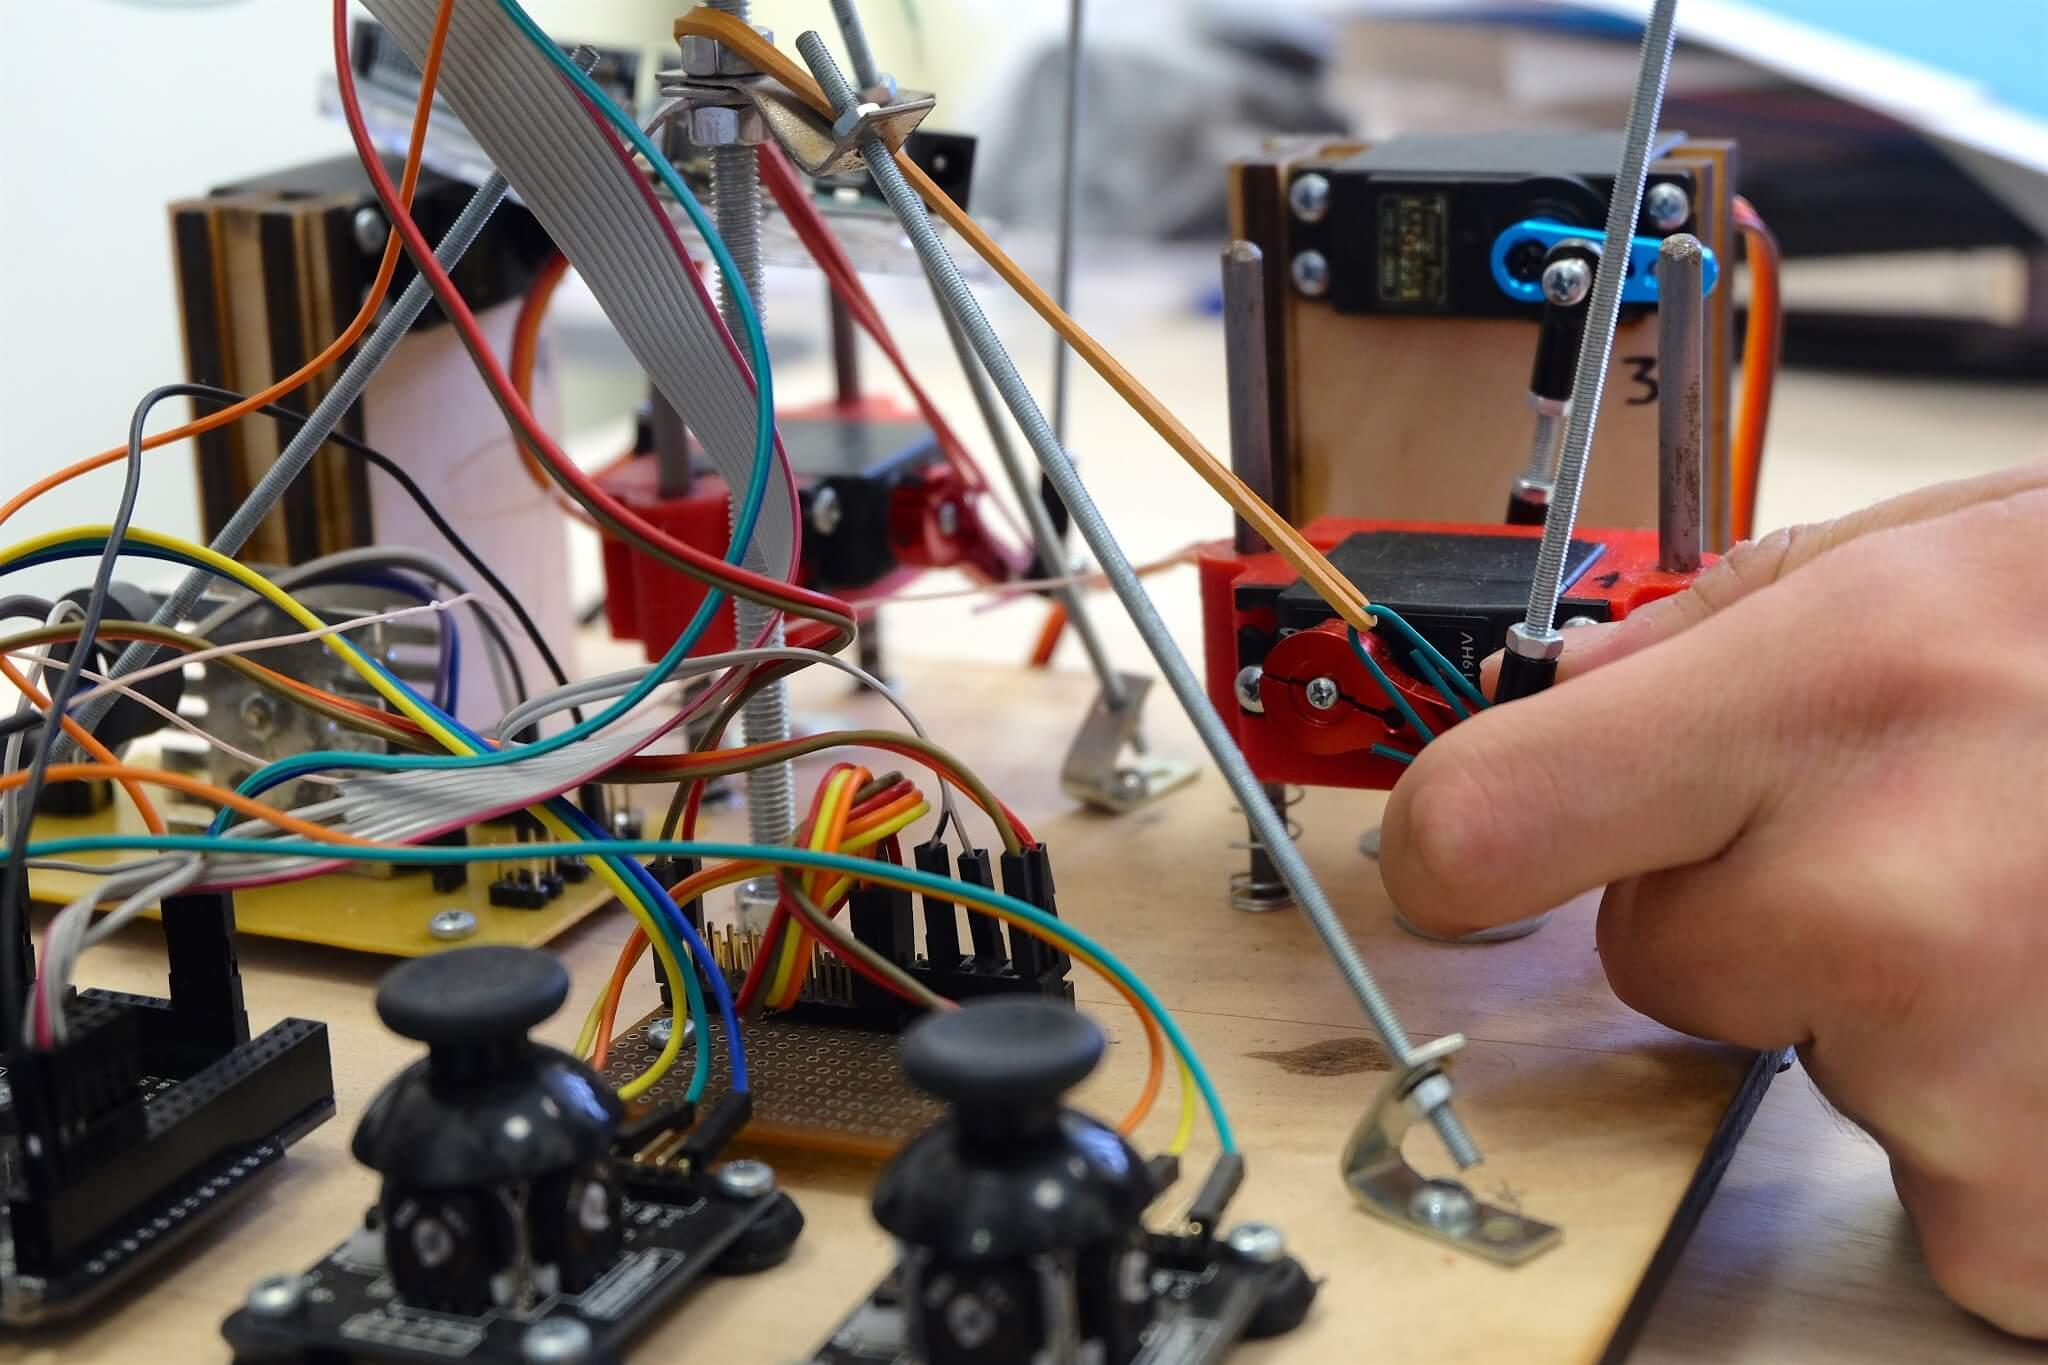 Механизированные руки и манипуляторы — рассказываем, чем занимается лаборатория робототехники Университета ИТМО - 3